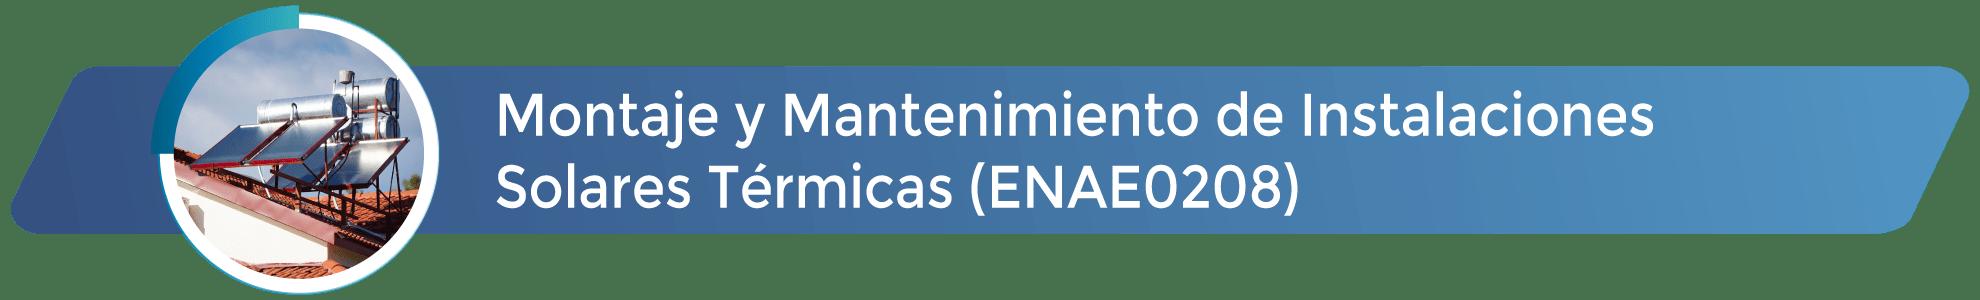 ENAE0208 - Montaje y mantenimiento de instalaciones solares térmicas